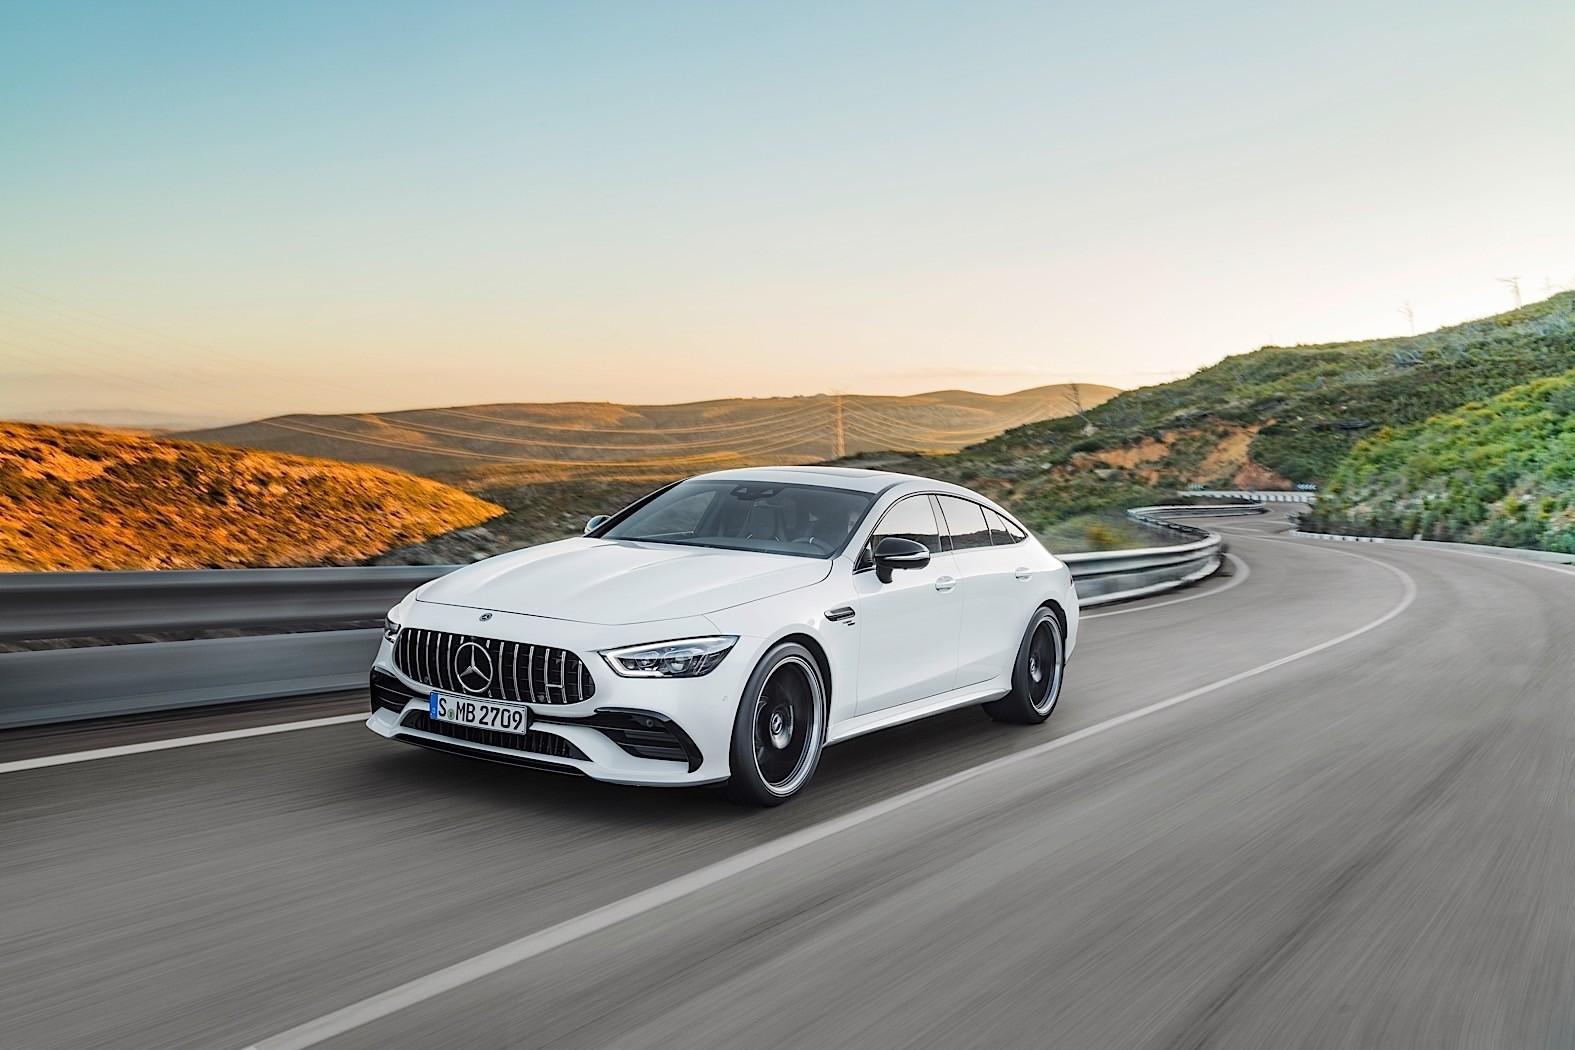 2019 Mercedes Amg Gt 4 Door Coupe